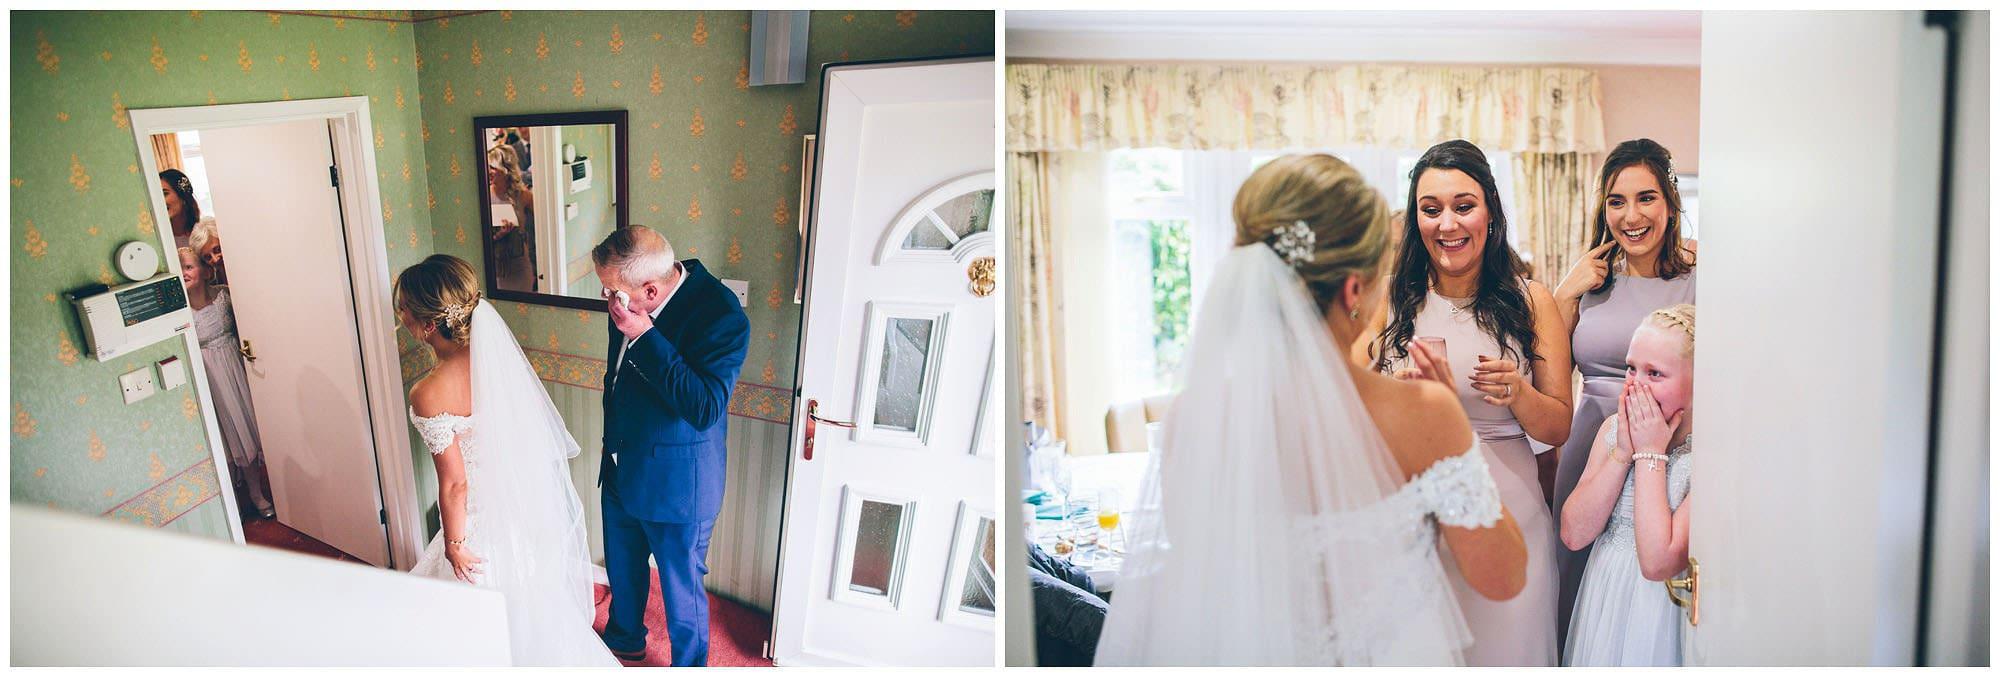 styal_lodge_wedding_photography_0028